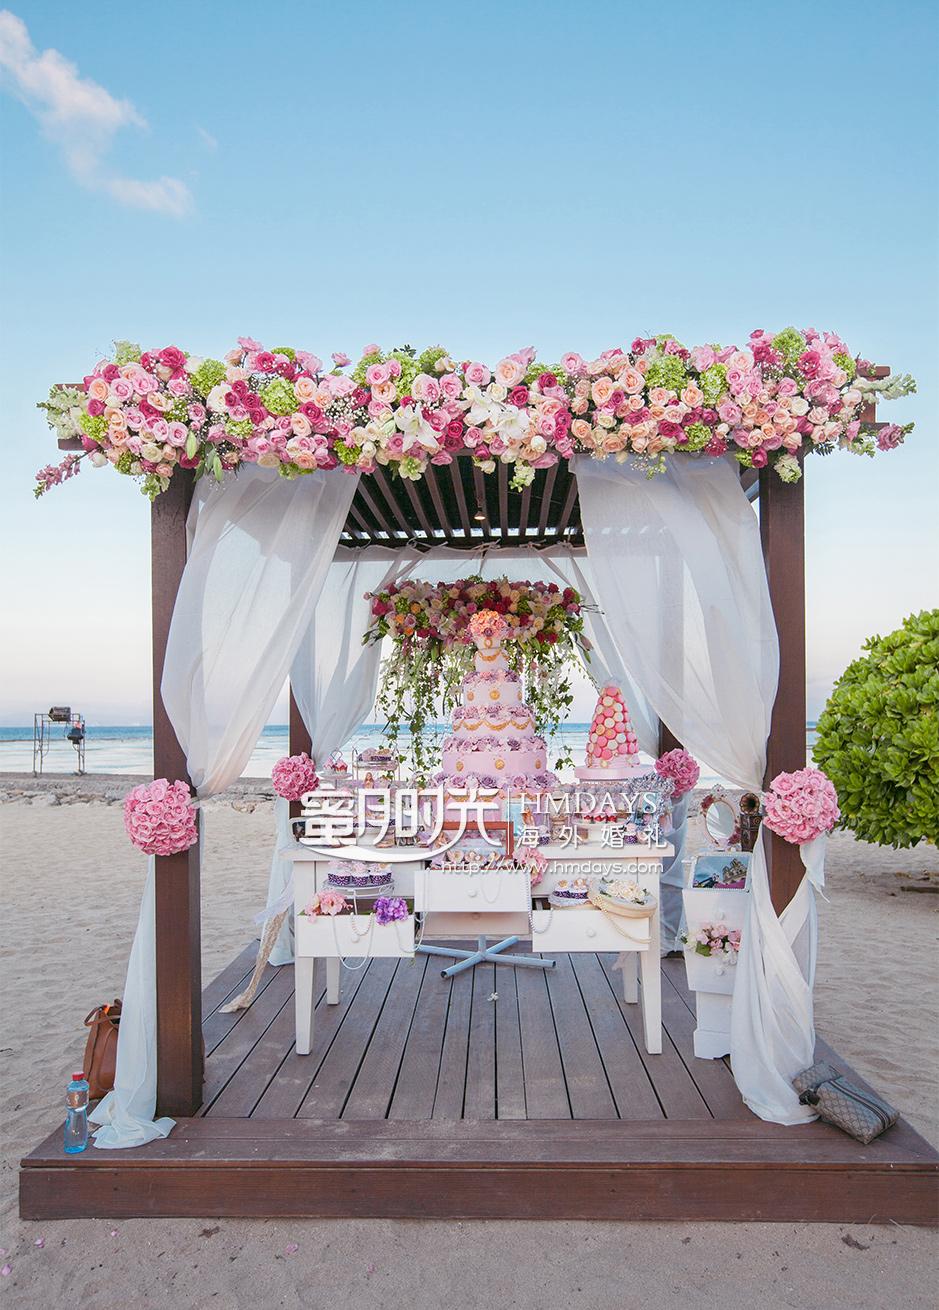 巴厘岛肉桂沙滩婚礼升级布置|海外婚礼定制中高端布置案例|巴厘岛婚礼布置定制案例